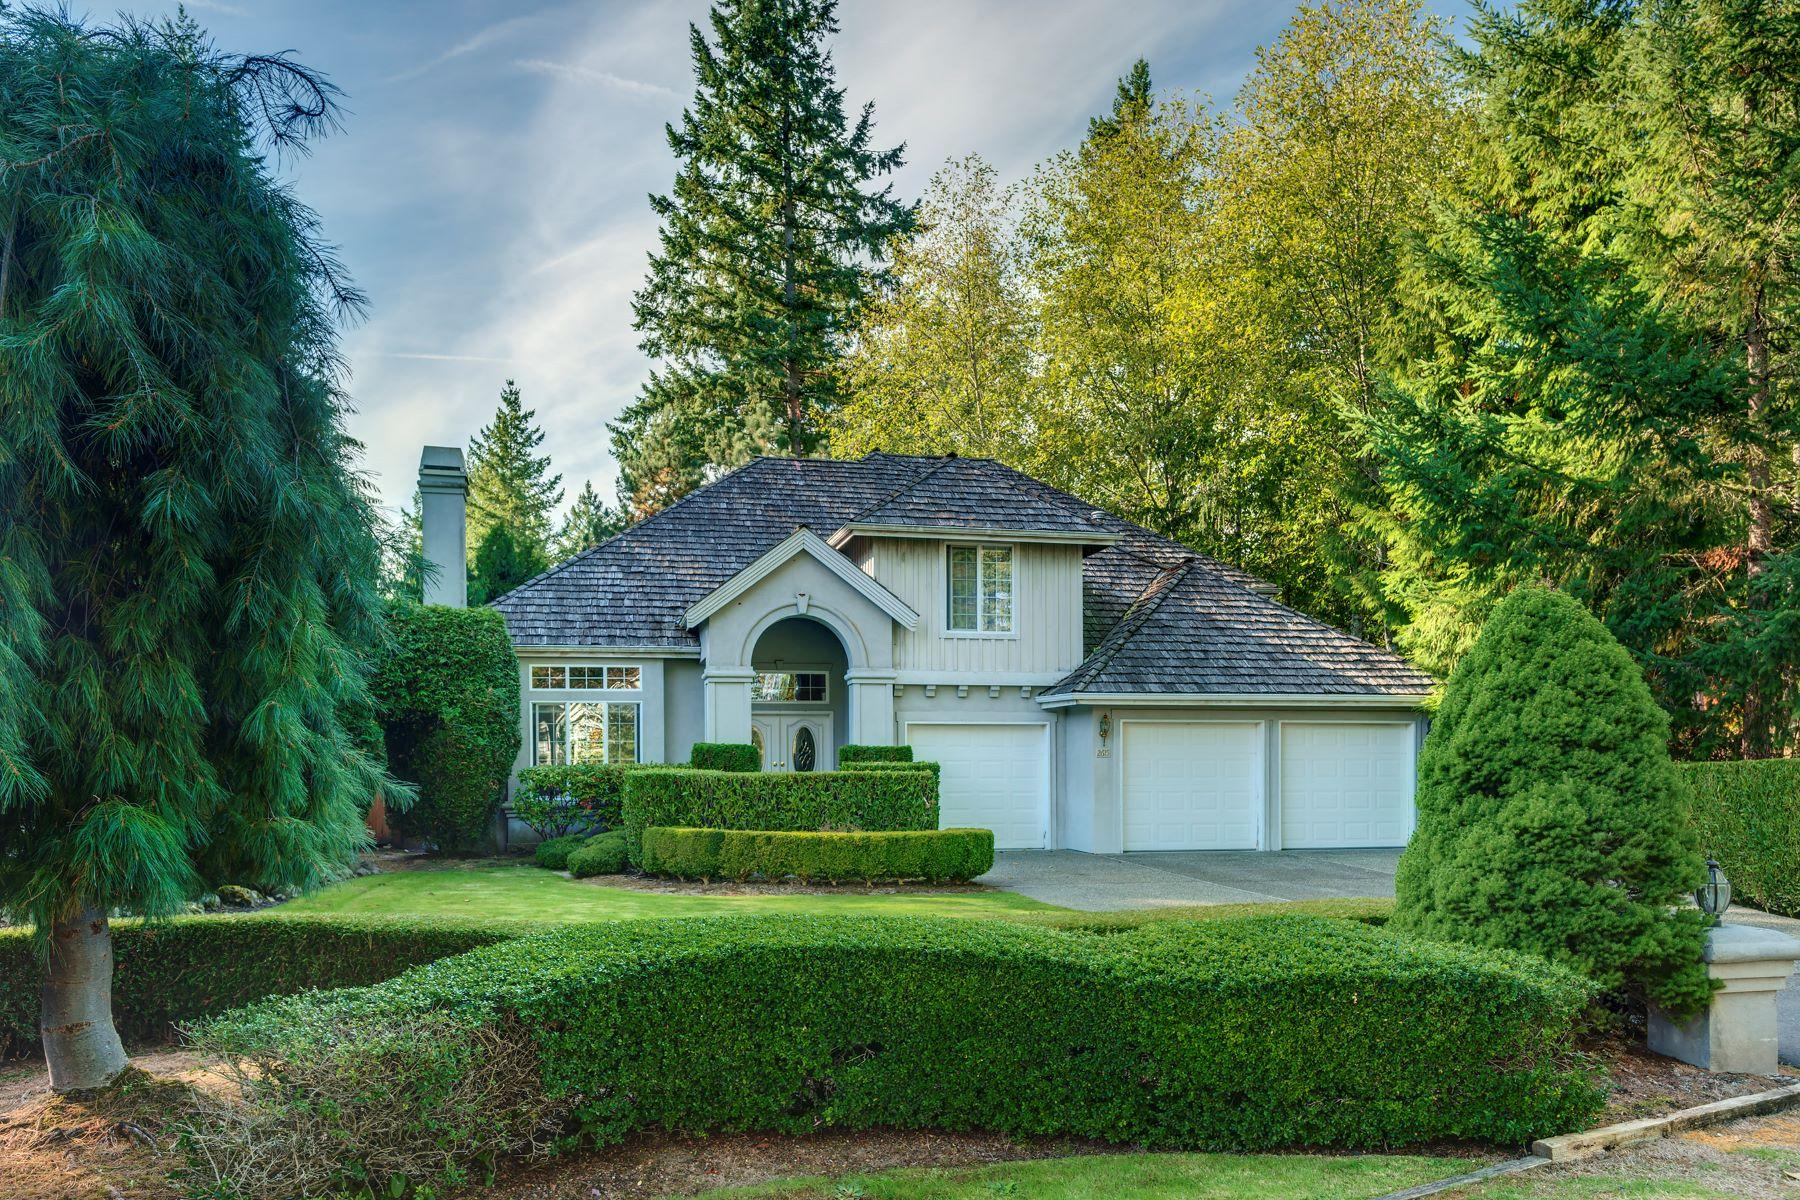 独户住宅 为 销售 在 Beaver Lake 2615 E Beaver Lake Dr SE 瑟马米什, 华盛顿州, 98075 美国